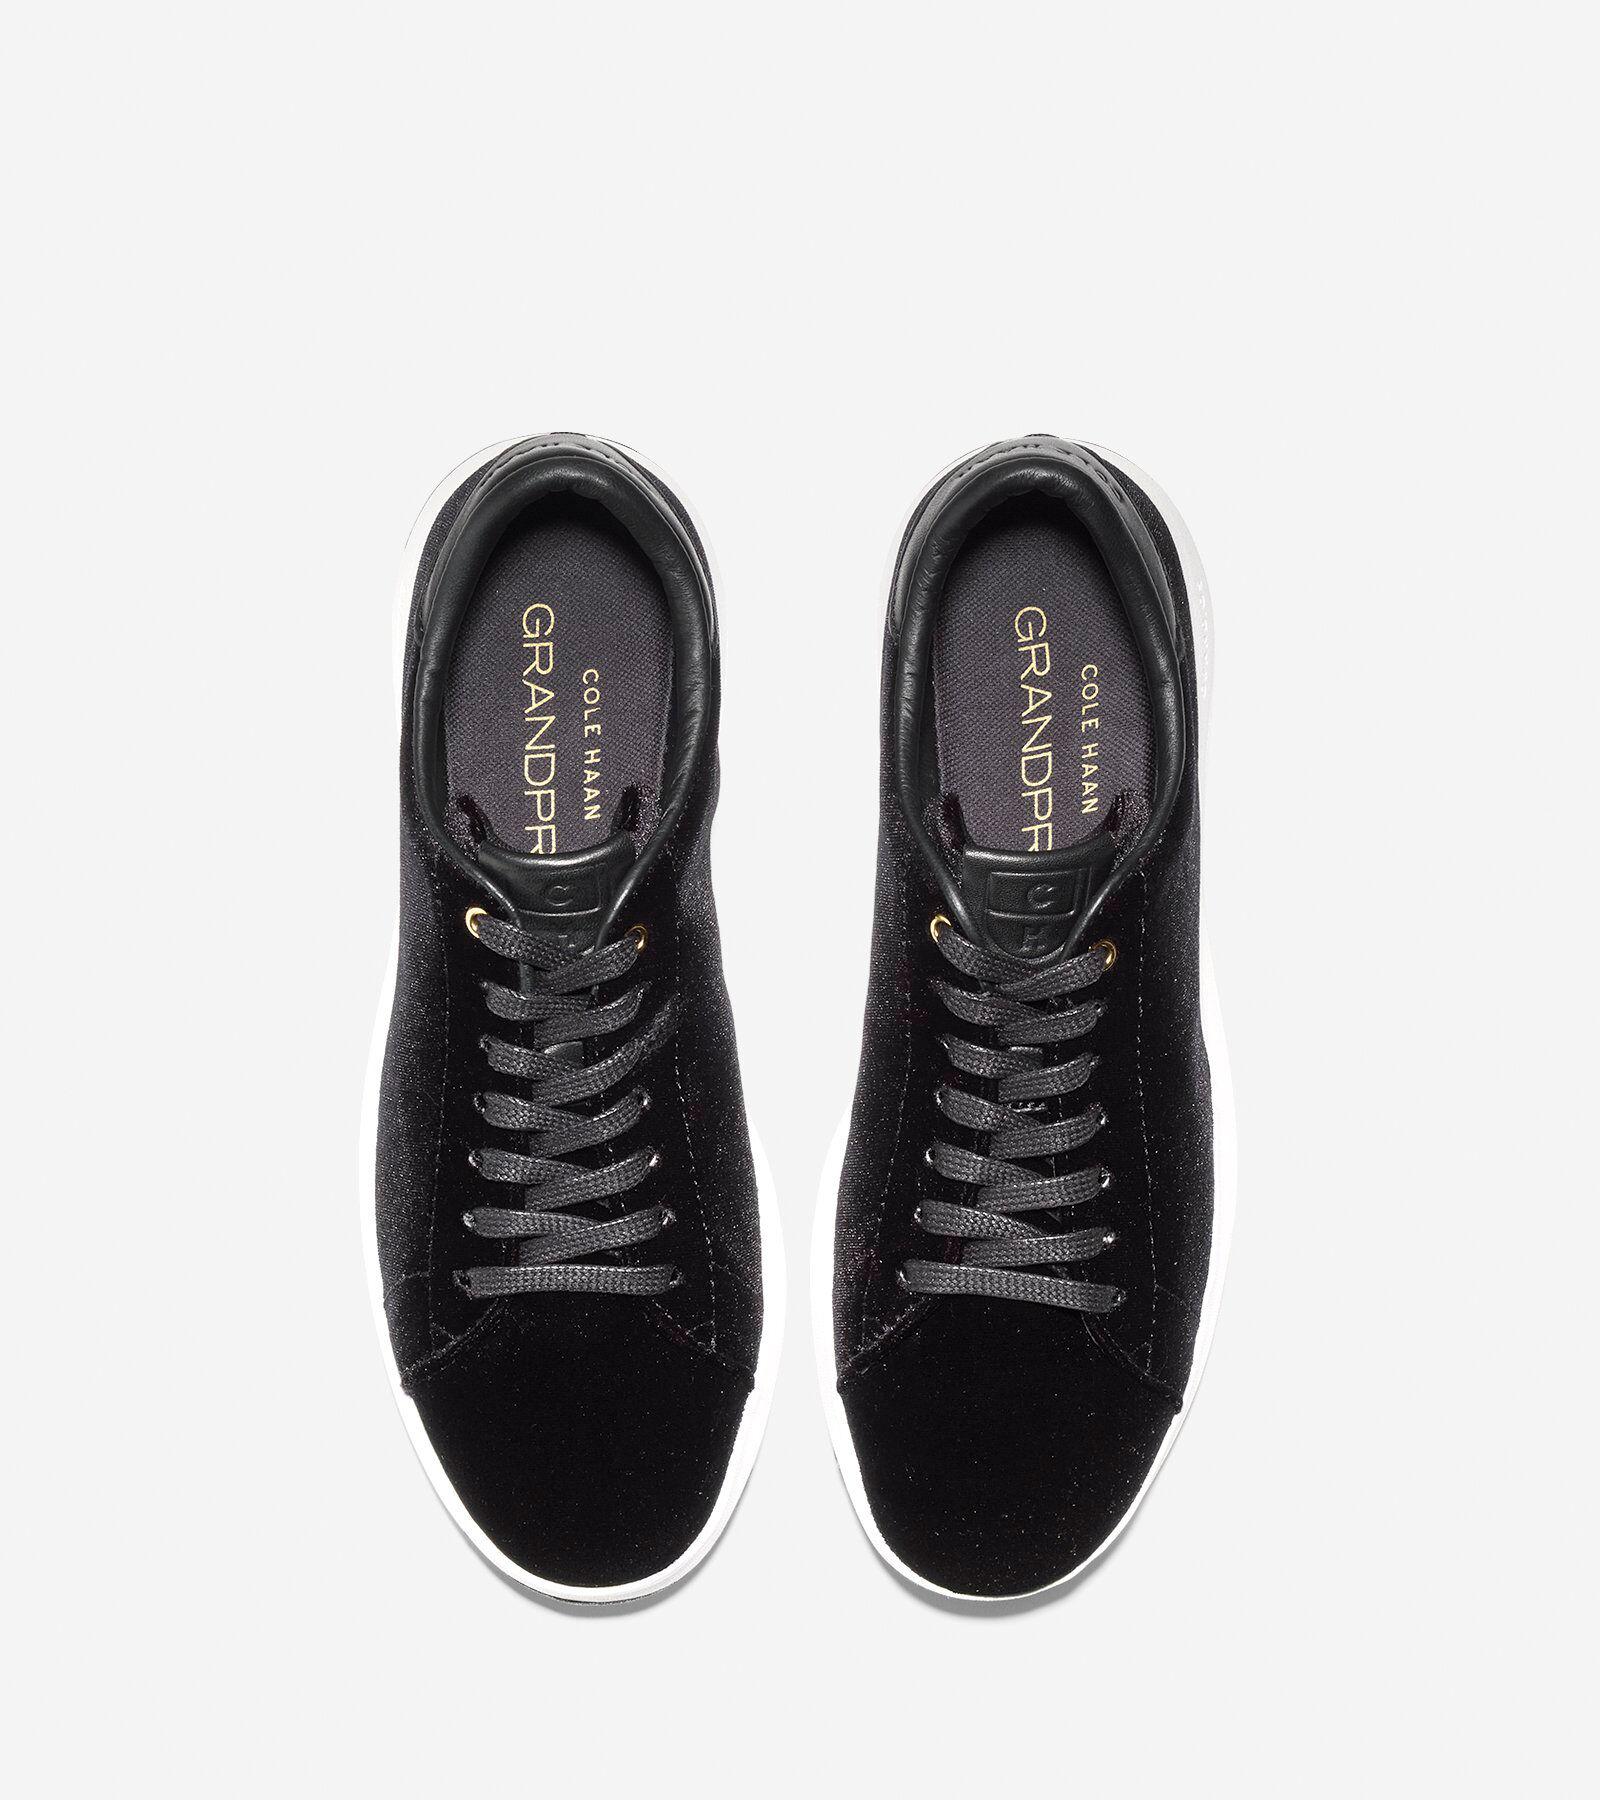 Cole Haan GrandPro Velvet Tennis Sneaker bYNGL0QVe